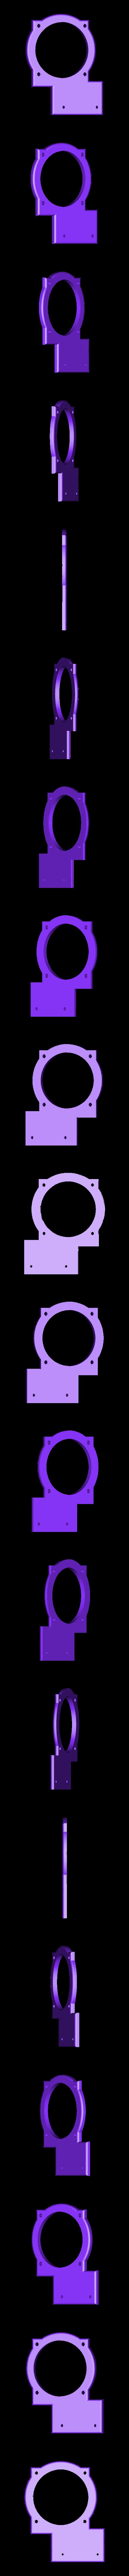 FanhouderForUltim.stl Download free STL file FanHolder for Ultimaker • 3D printer object, Minweth